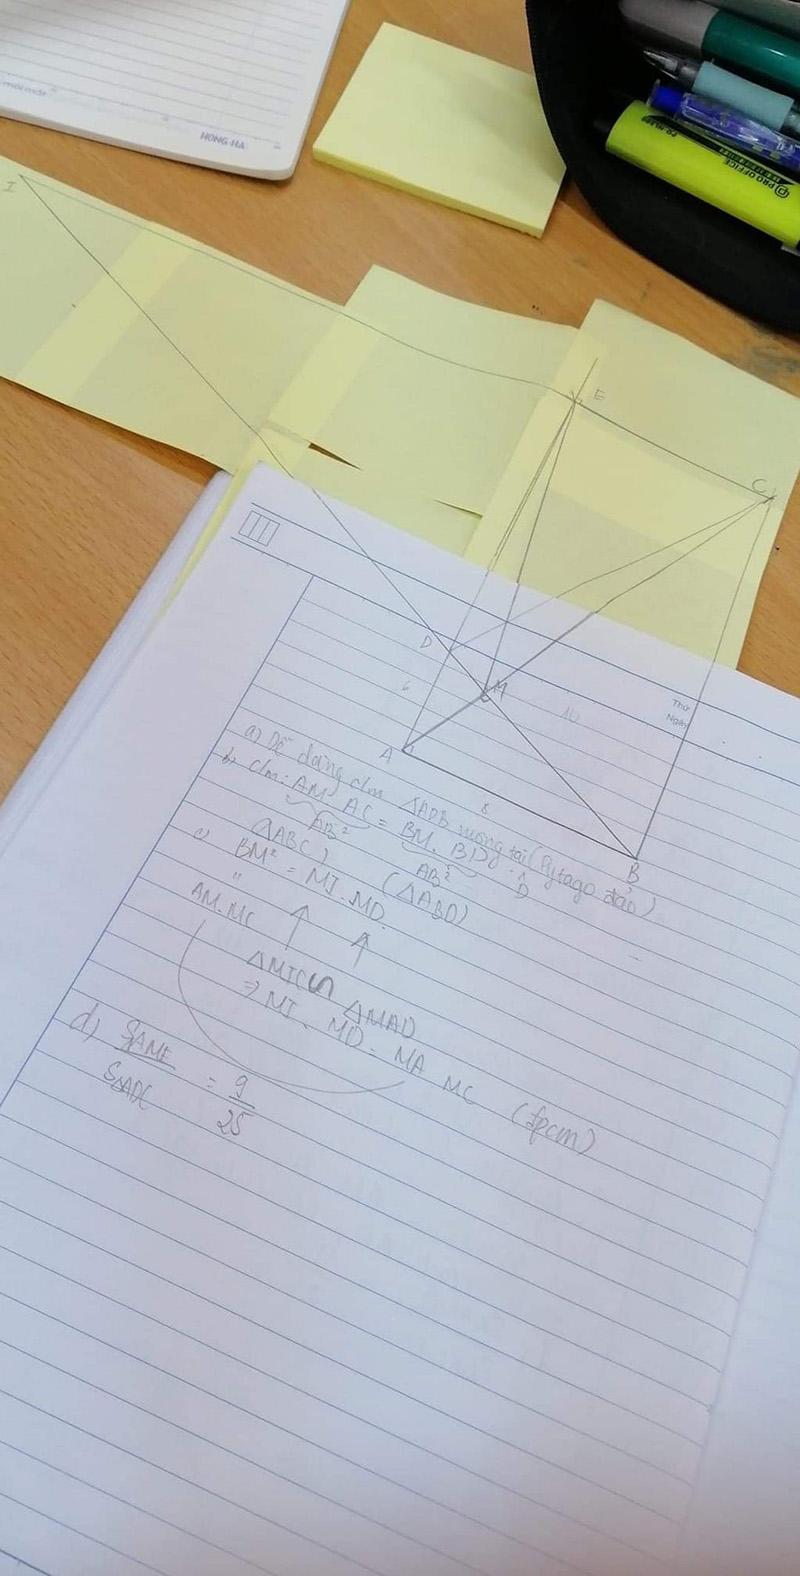 Cười ngất với các pha 'kéo cả thanh xuân mới bắt được hai đường thẳng giao nhau' trong môn Hình học 4